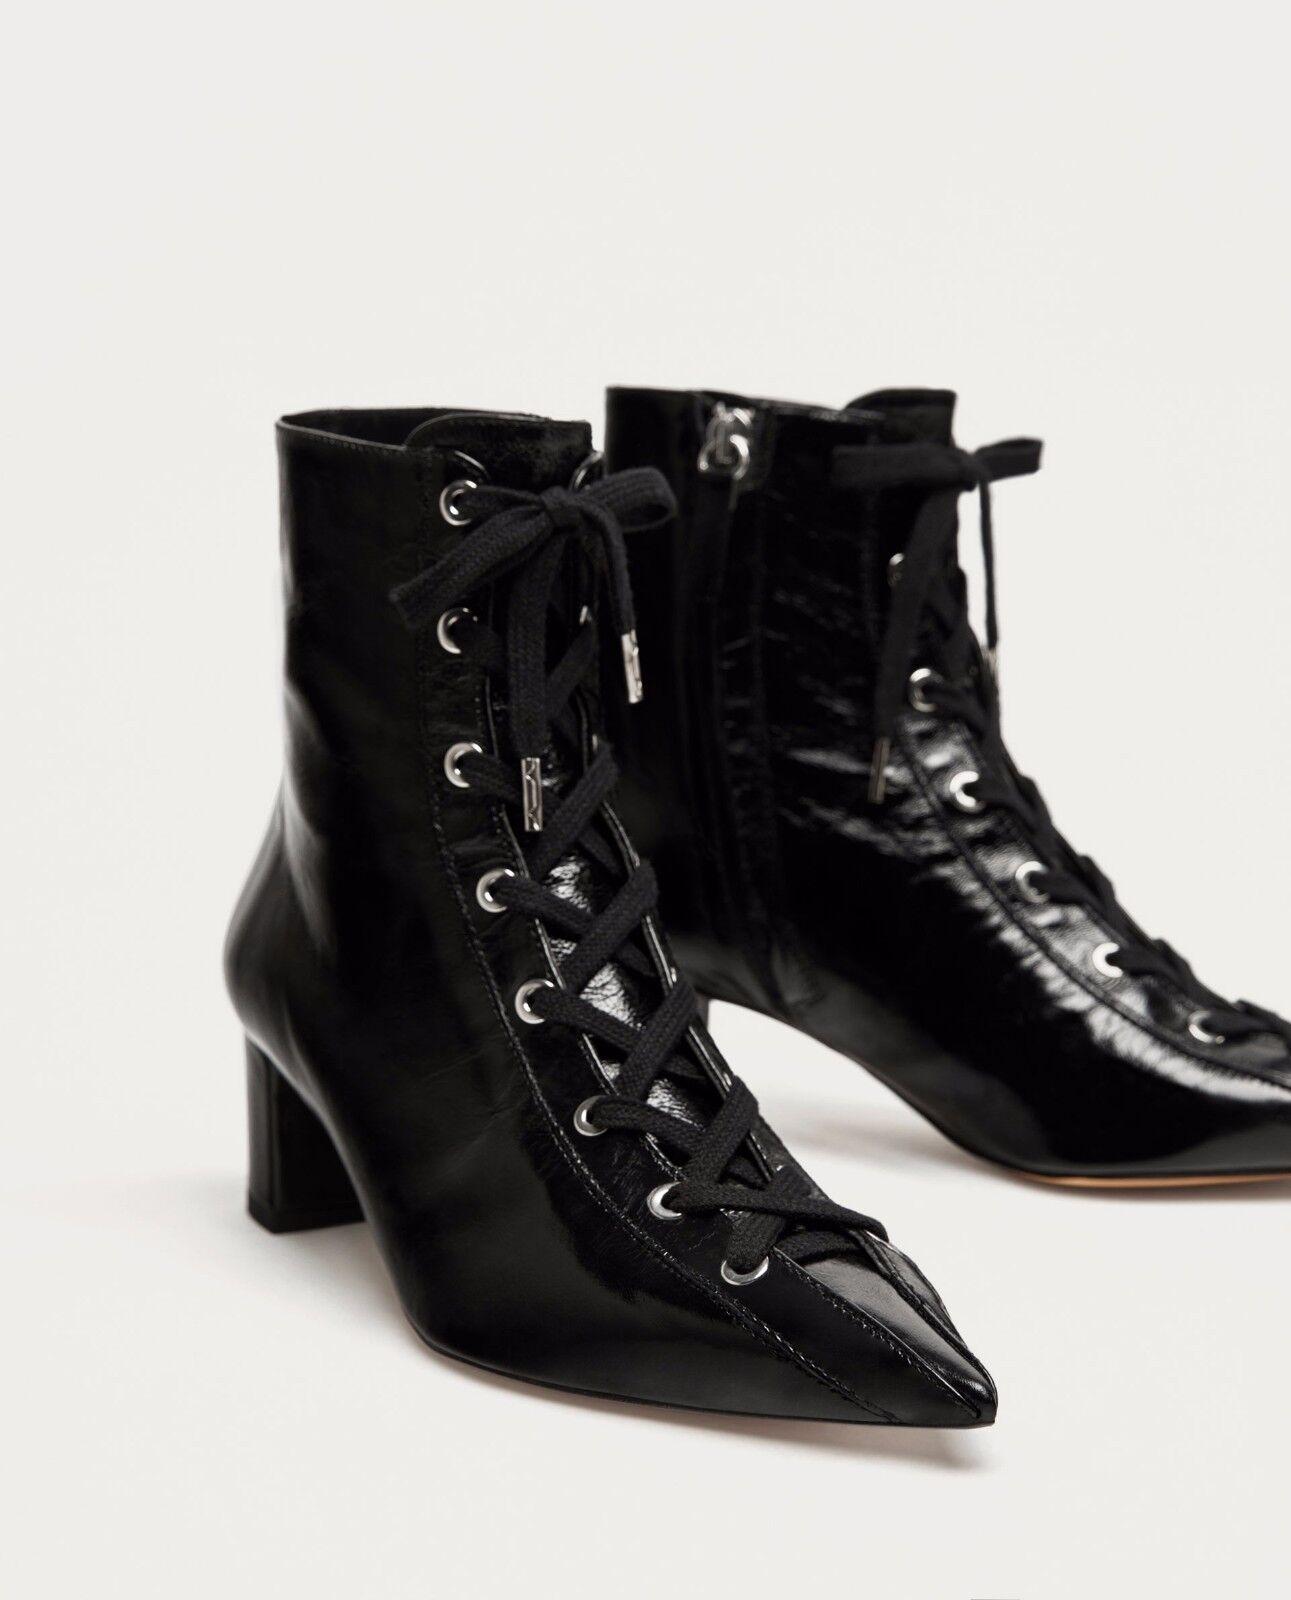 Zara Nuevas con Cordones Cuero Tacón Alto botas al Tobillo Tobillo Tobillo 6078 201  marca de lujo